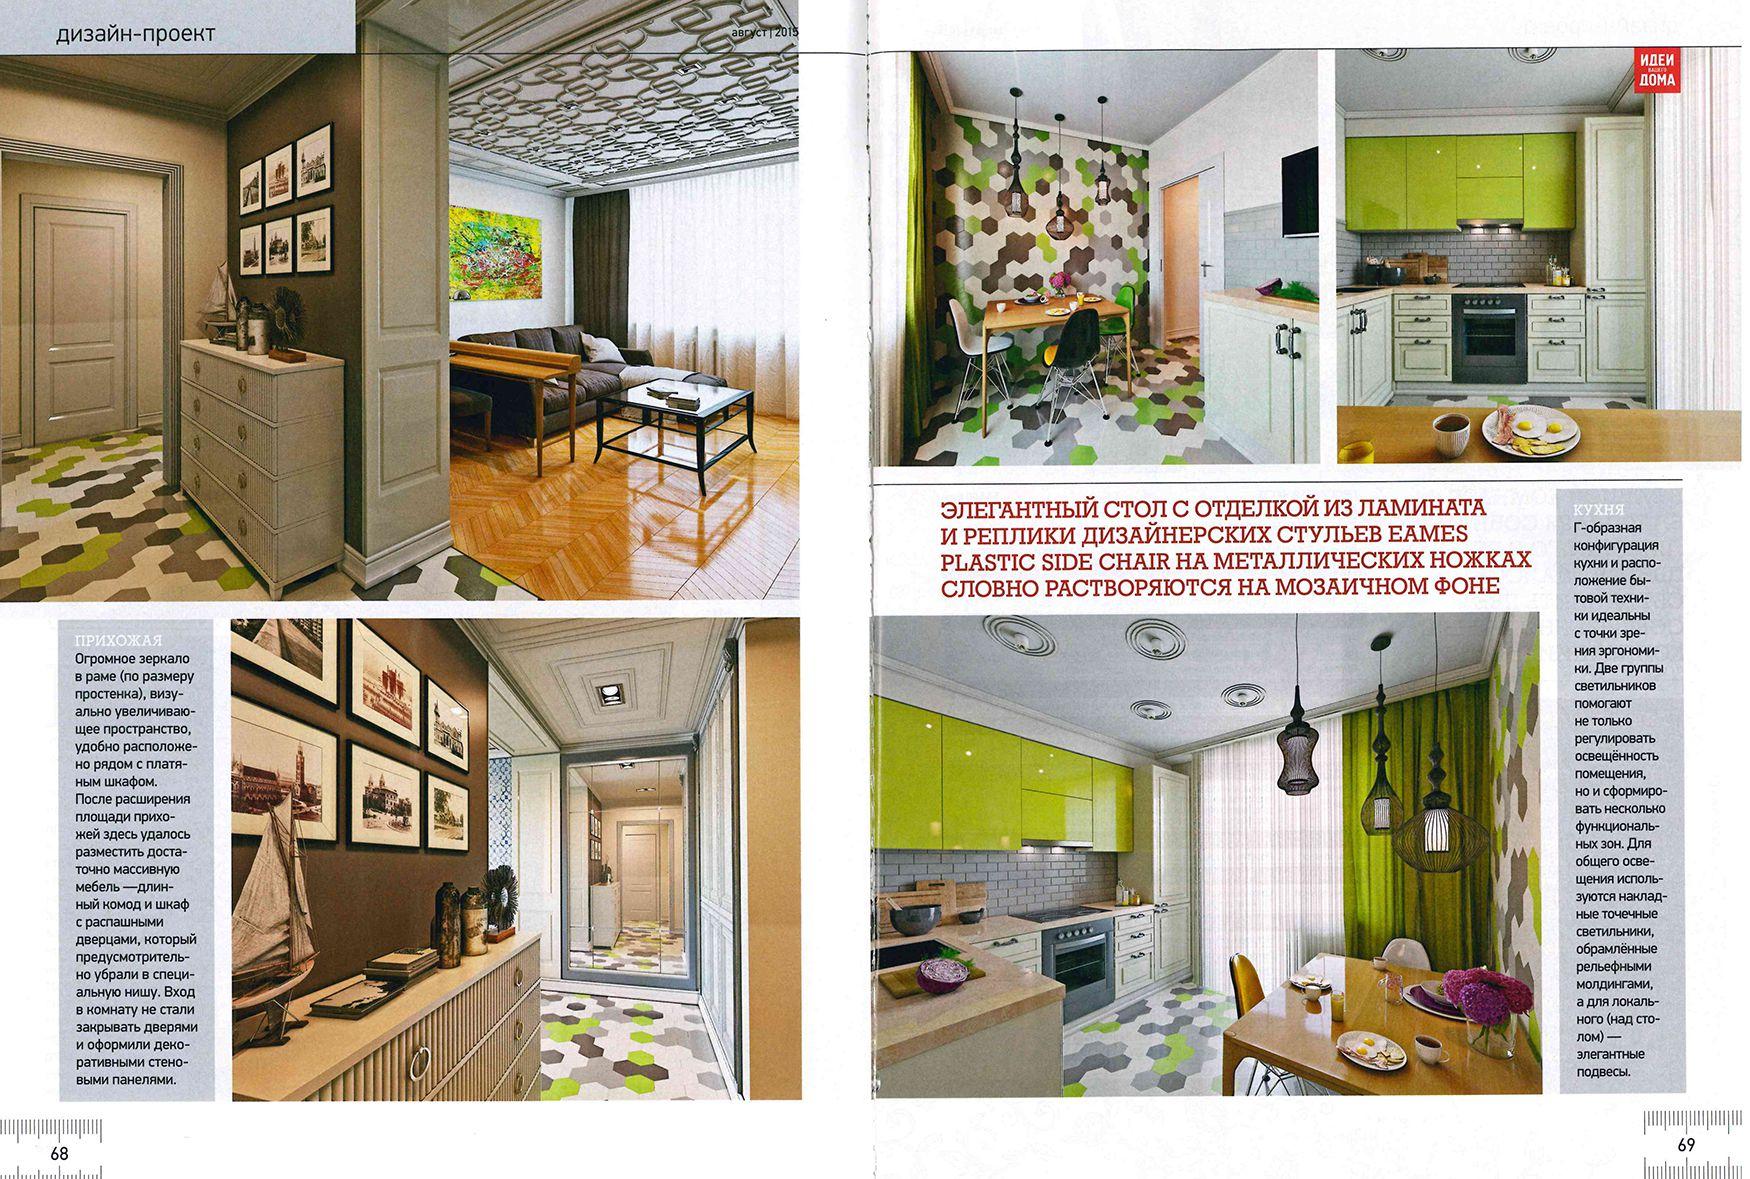 Дизайн и стиль вашего дома